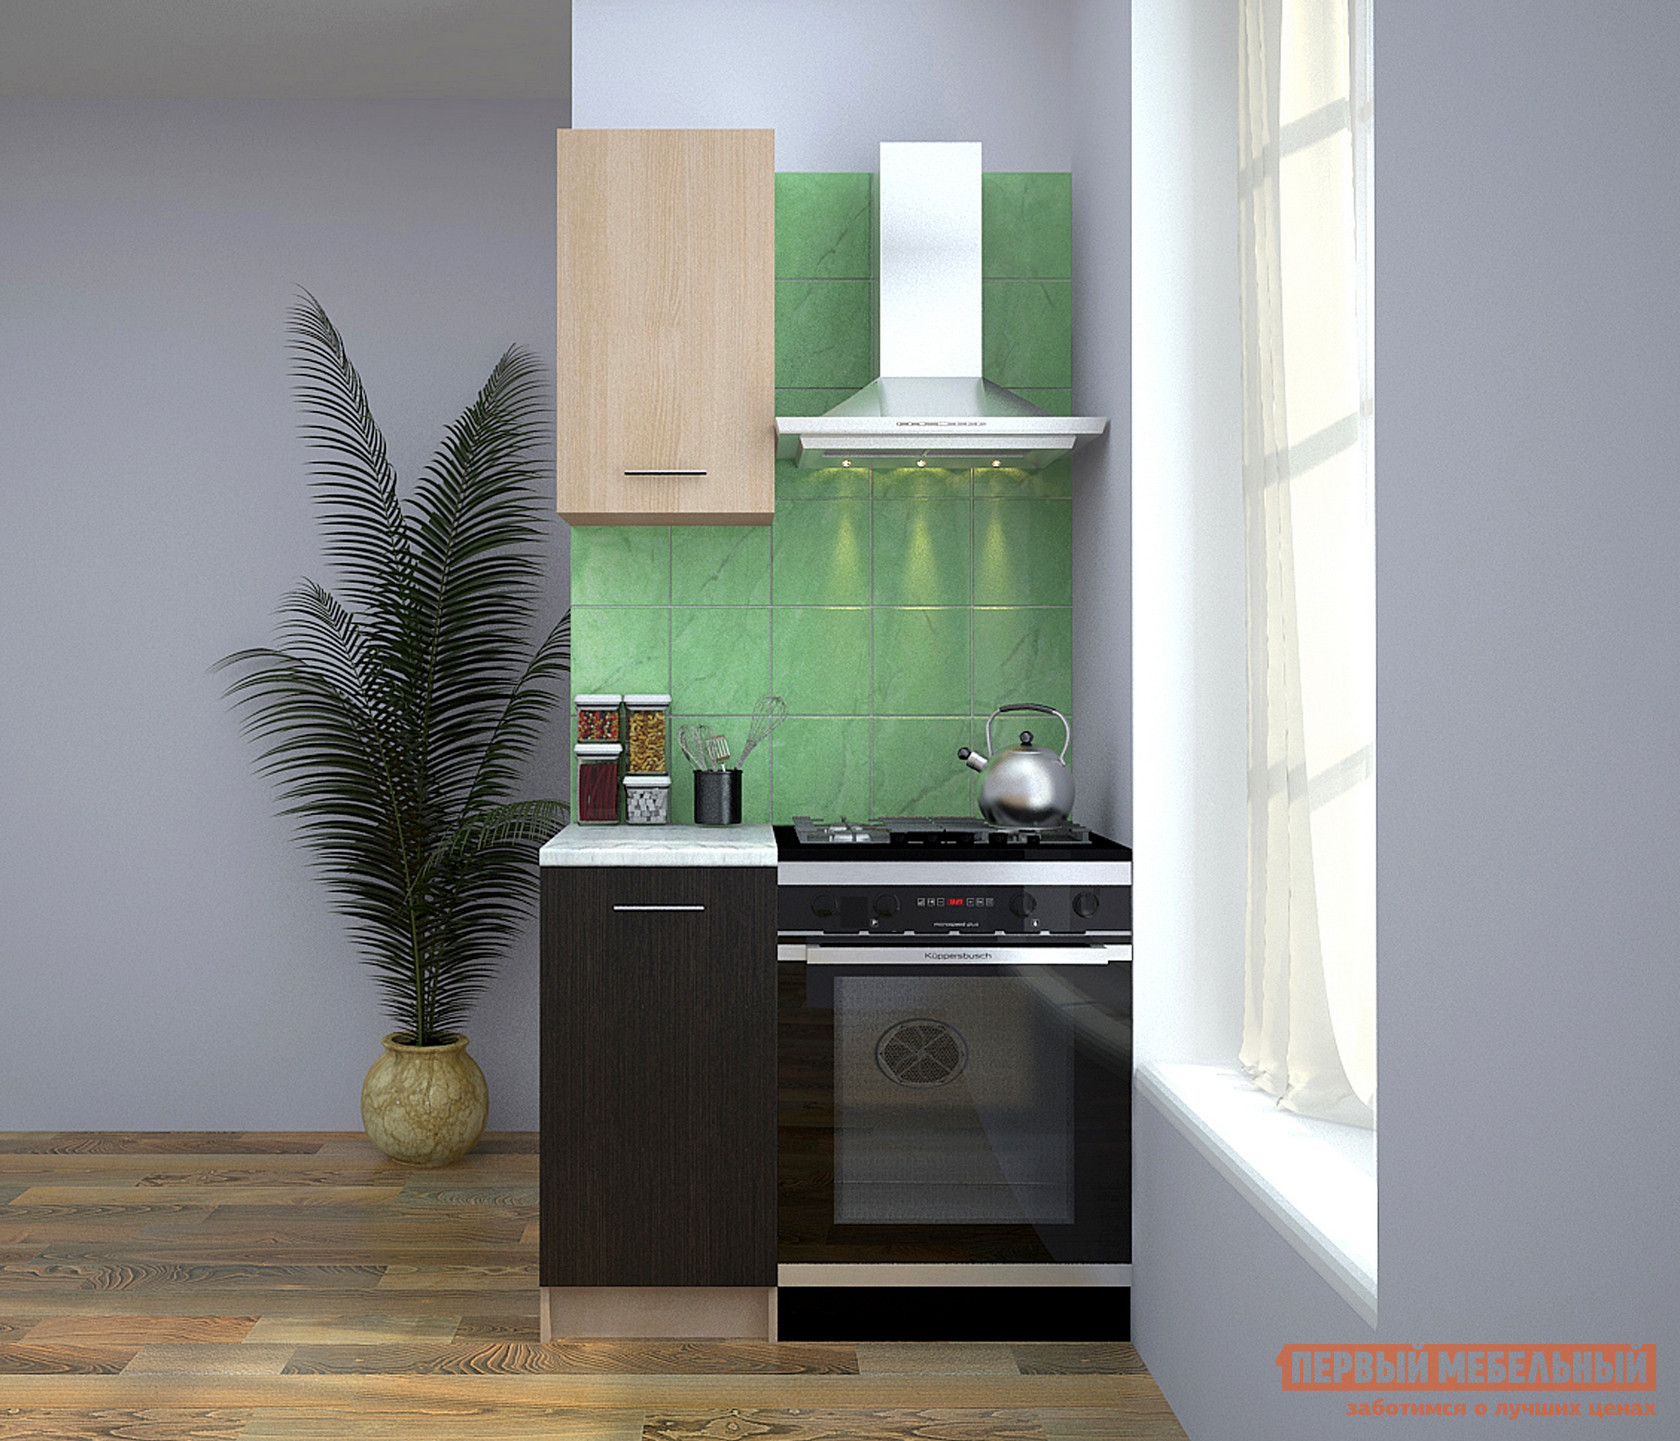 Кухонный гарнитур НК-Мебель Шаста 40 см кухонный гарнитур трия оливия 240 см